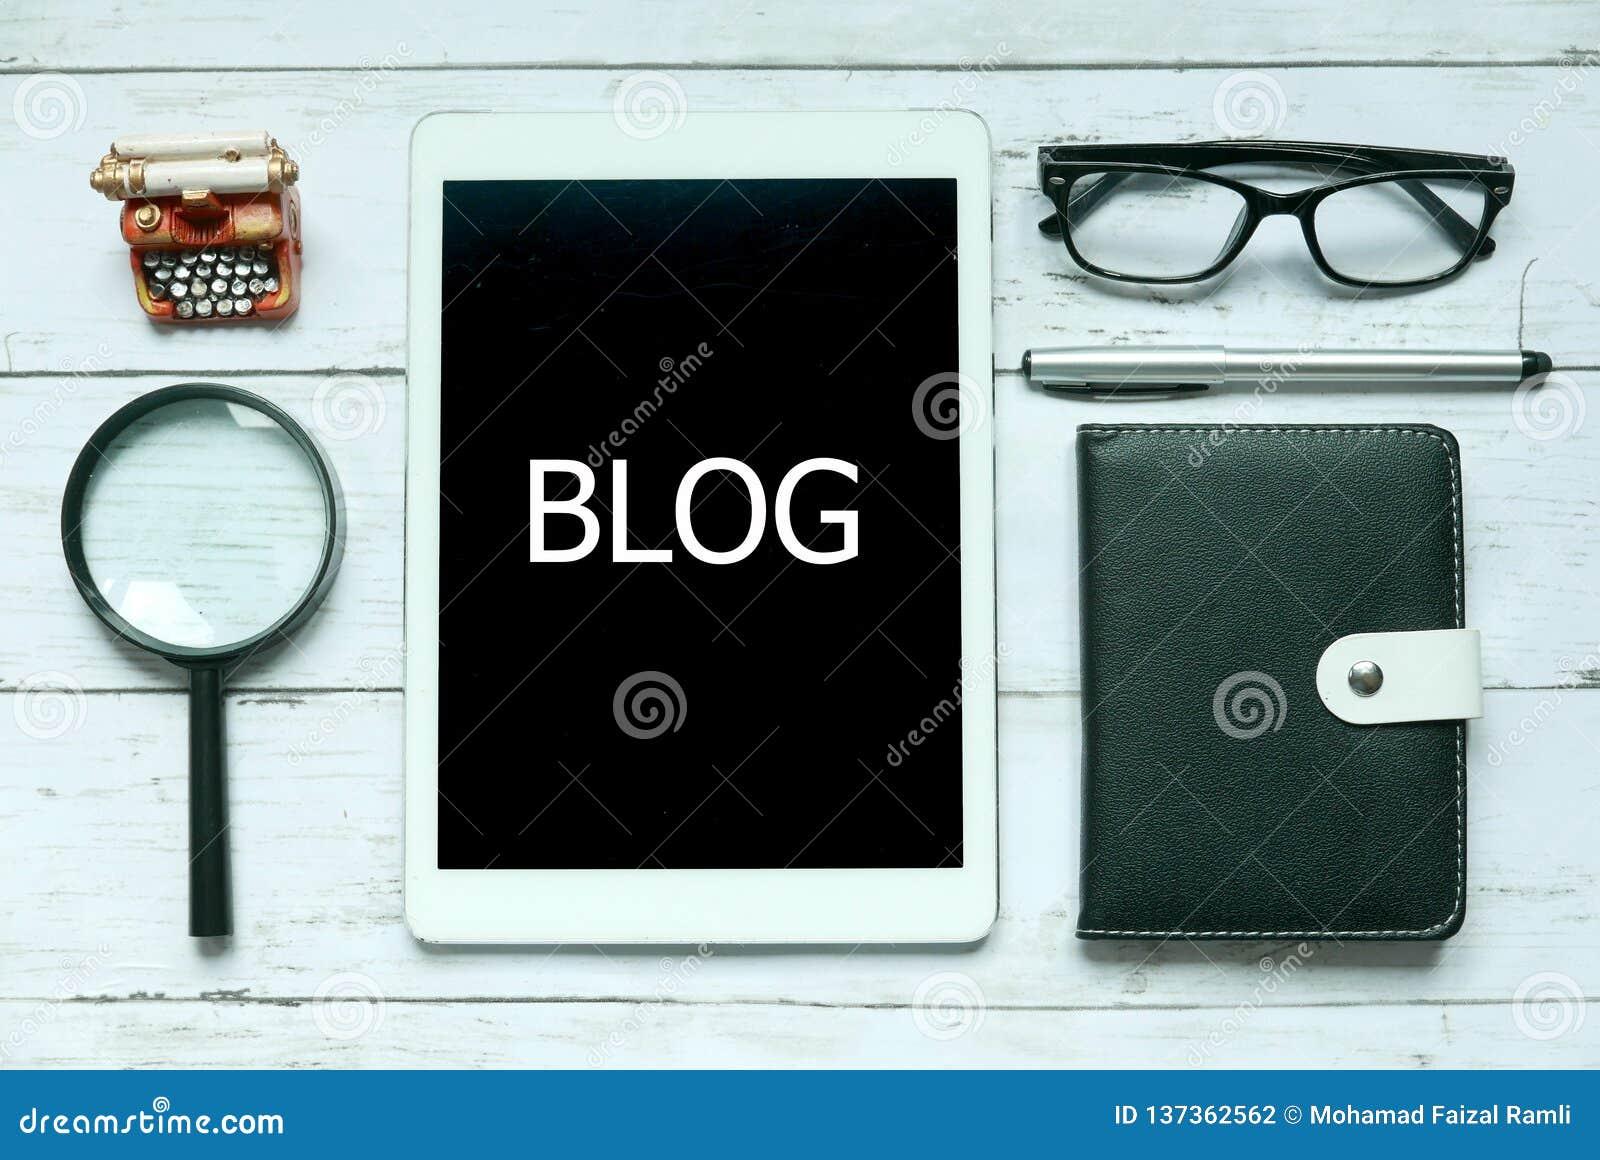 Онлайн цифровые социальные средства массовой информации ведут блог концепция Взгляд сверху лупы, стекел, ручки, тетради и планшет